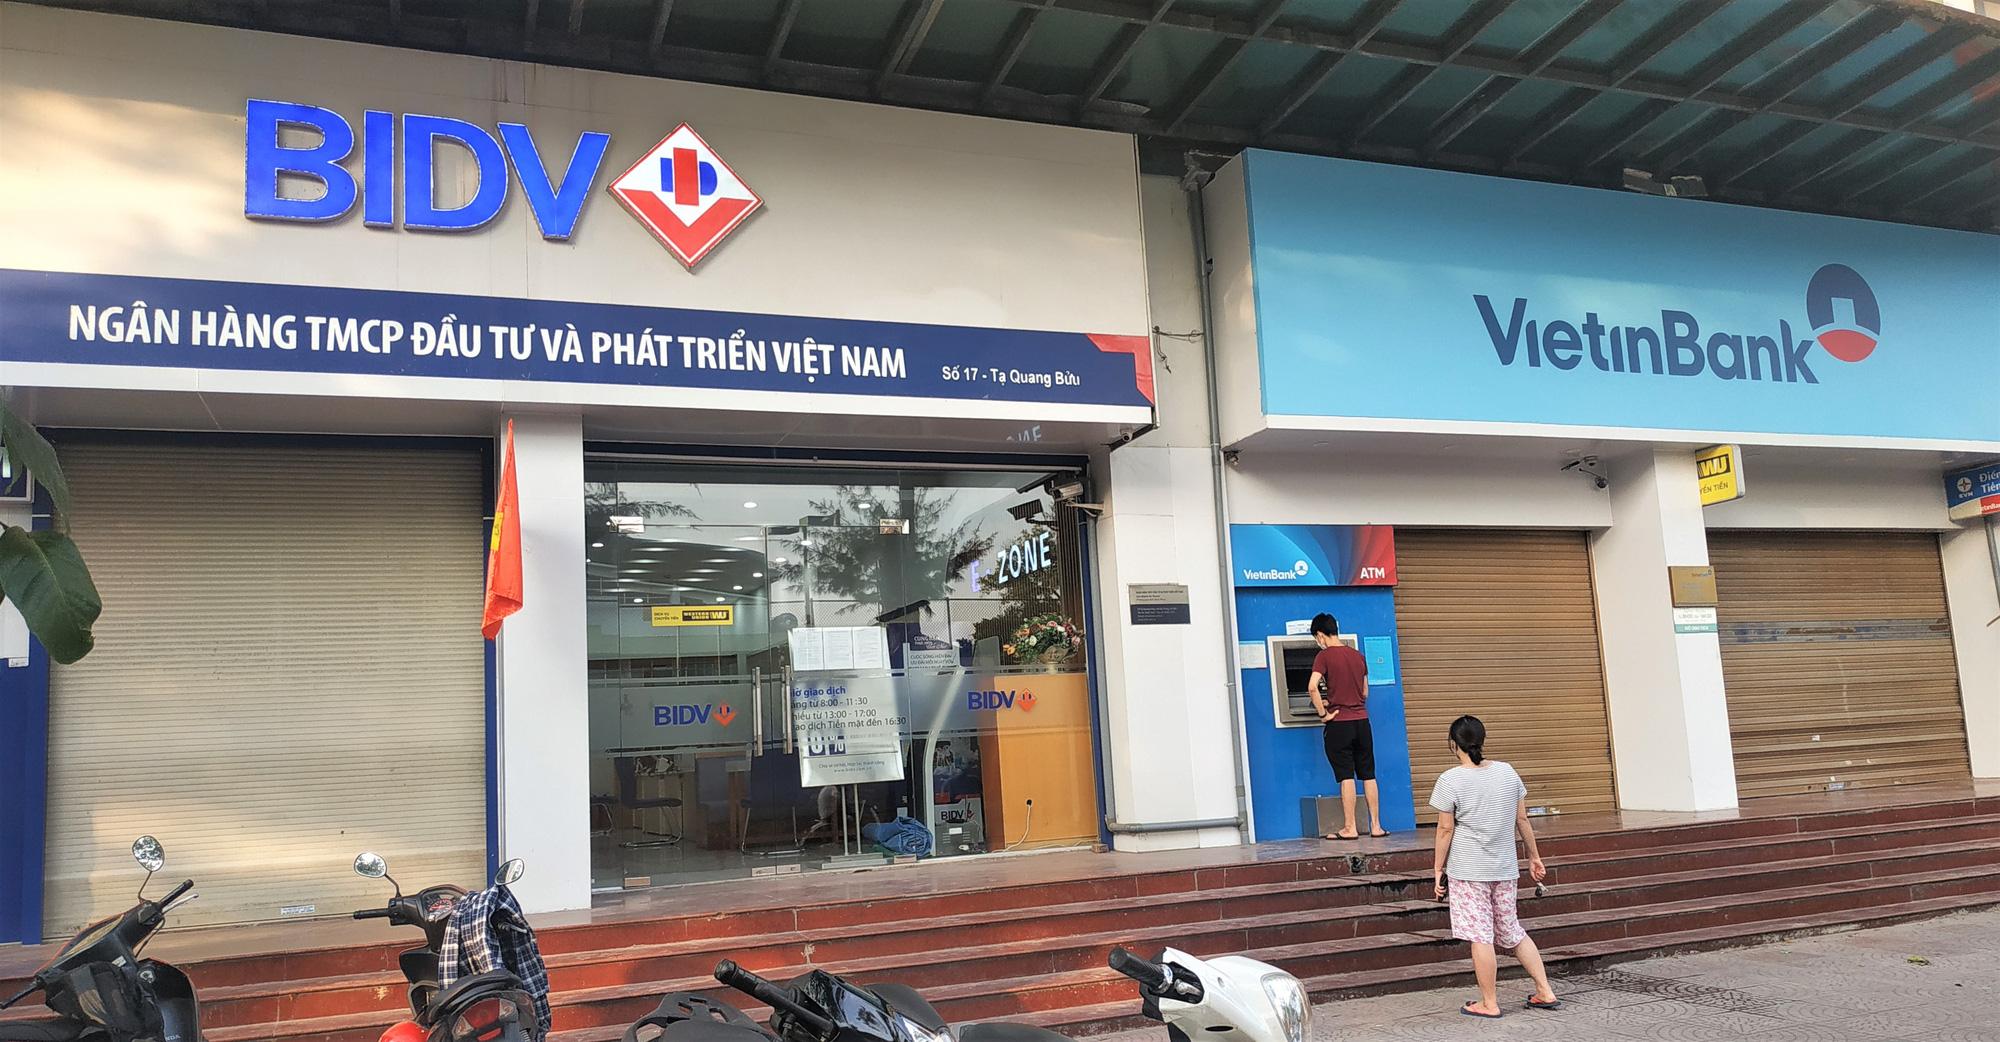 Vietcombank, VietinBank chưa trả cổ tức, Hòa Phát tạm giữ ngôi đầu vốn điều lệ - Ảnh 4.